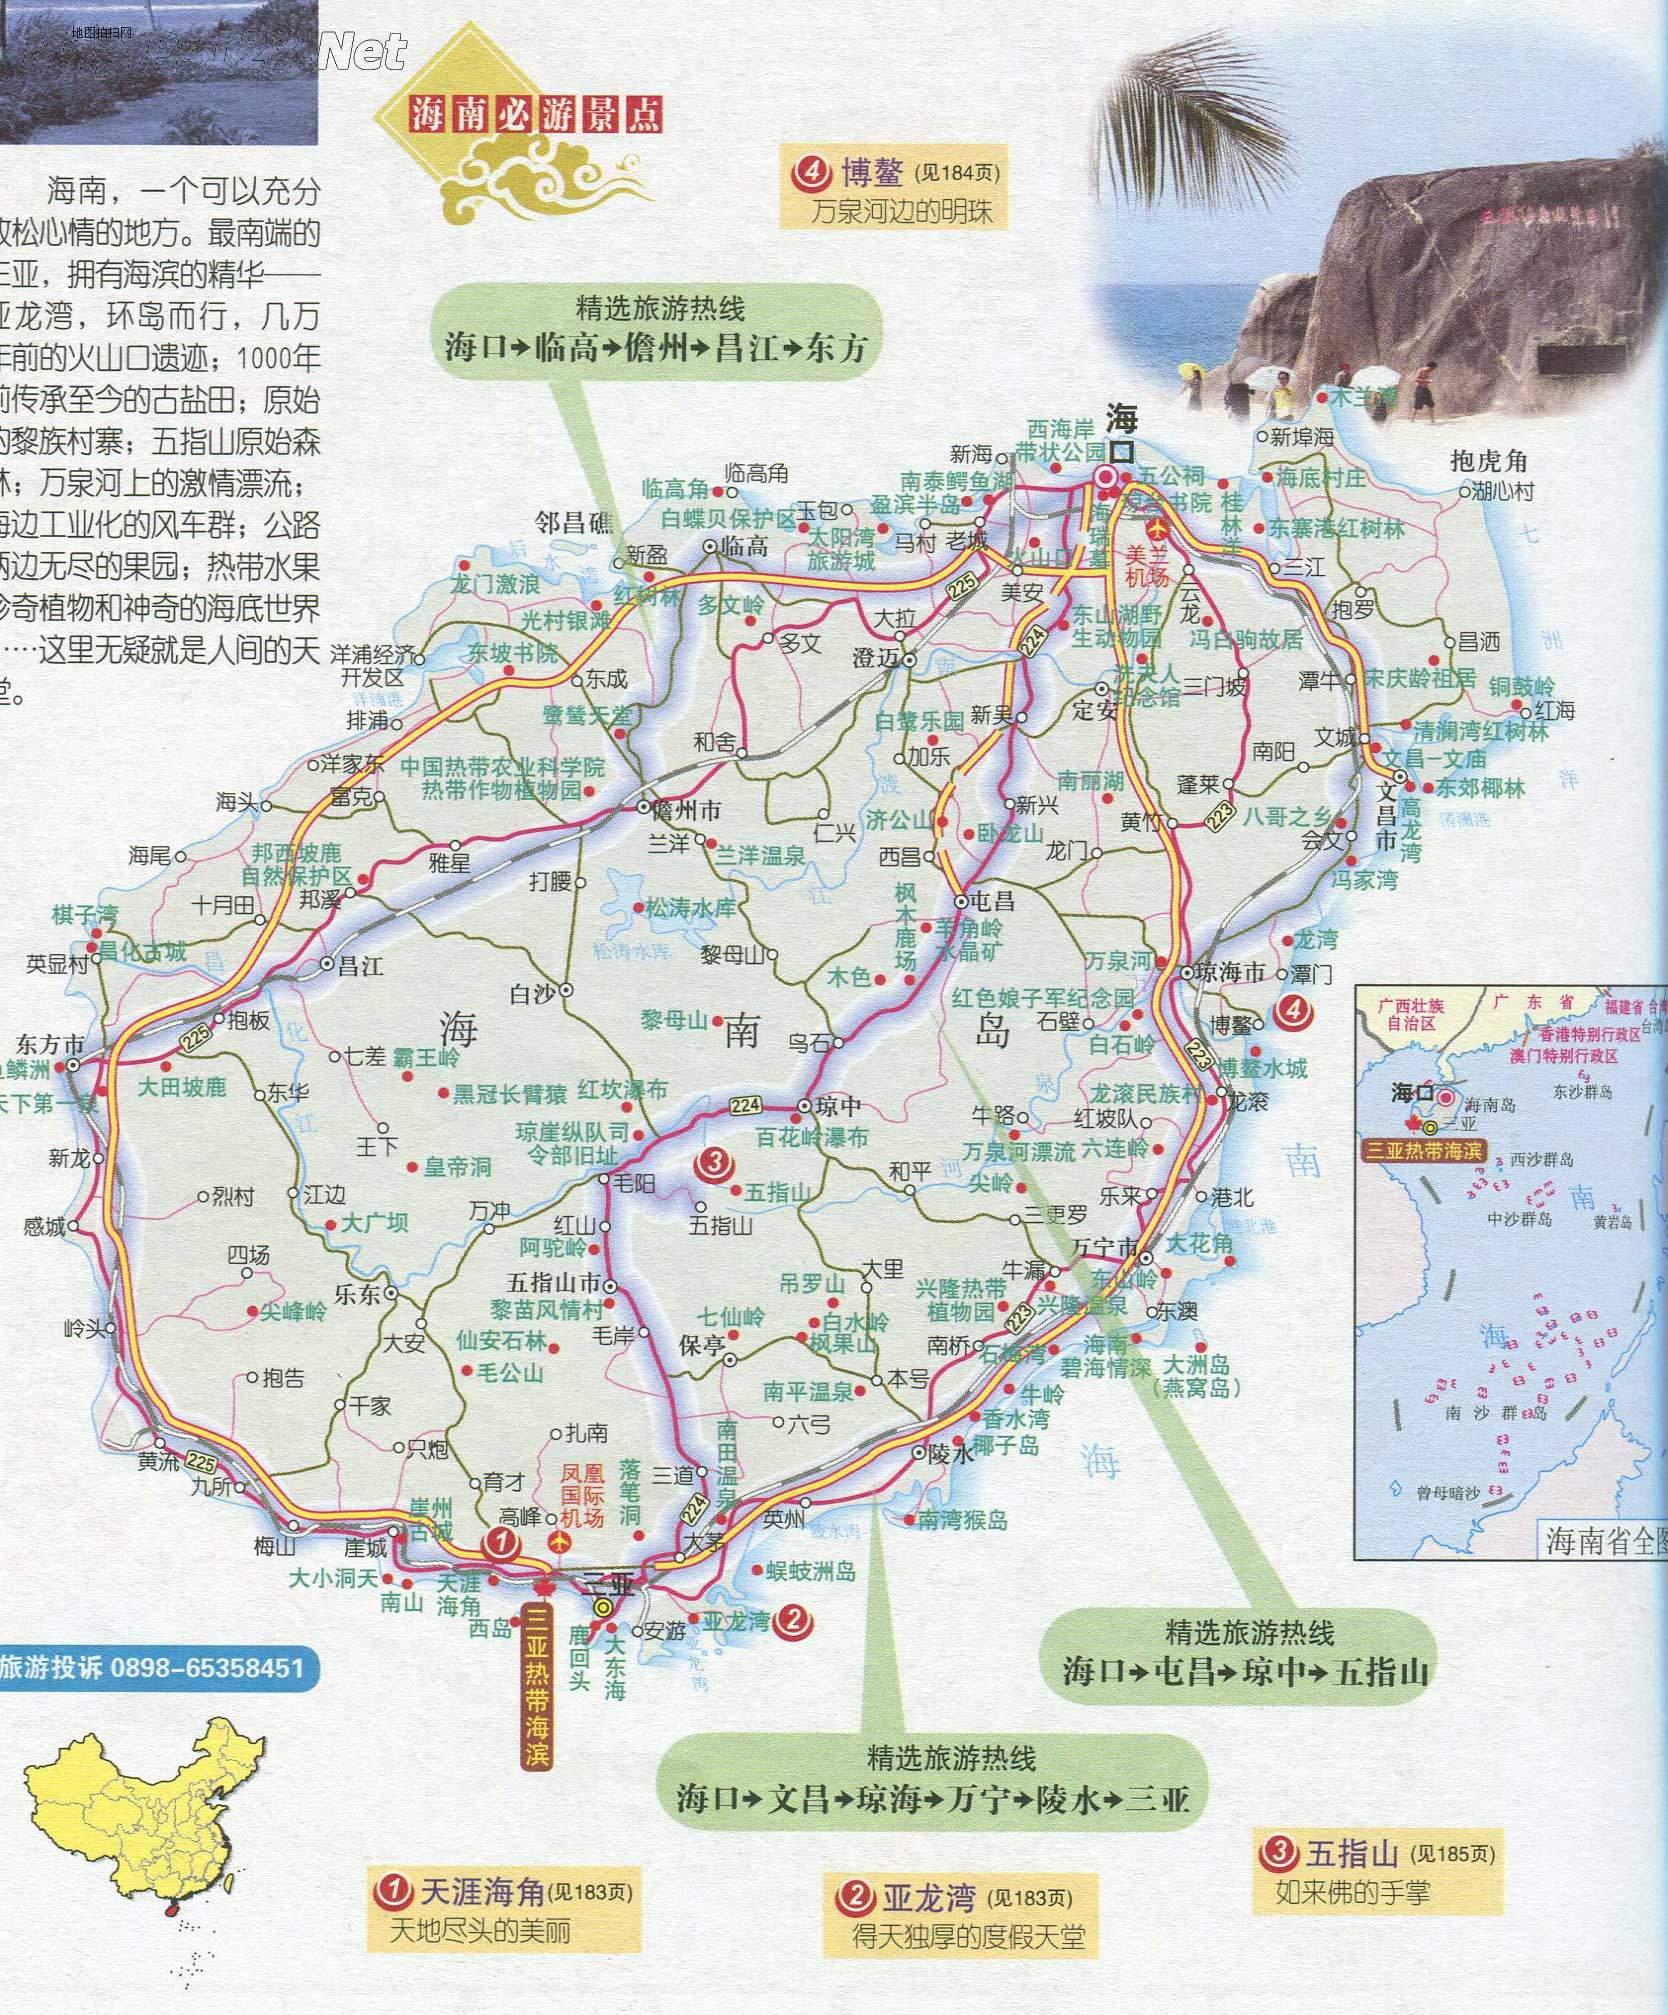 海南省旅游地图(必游景点)